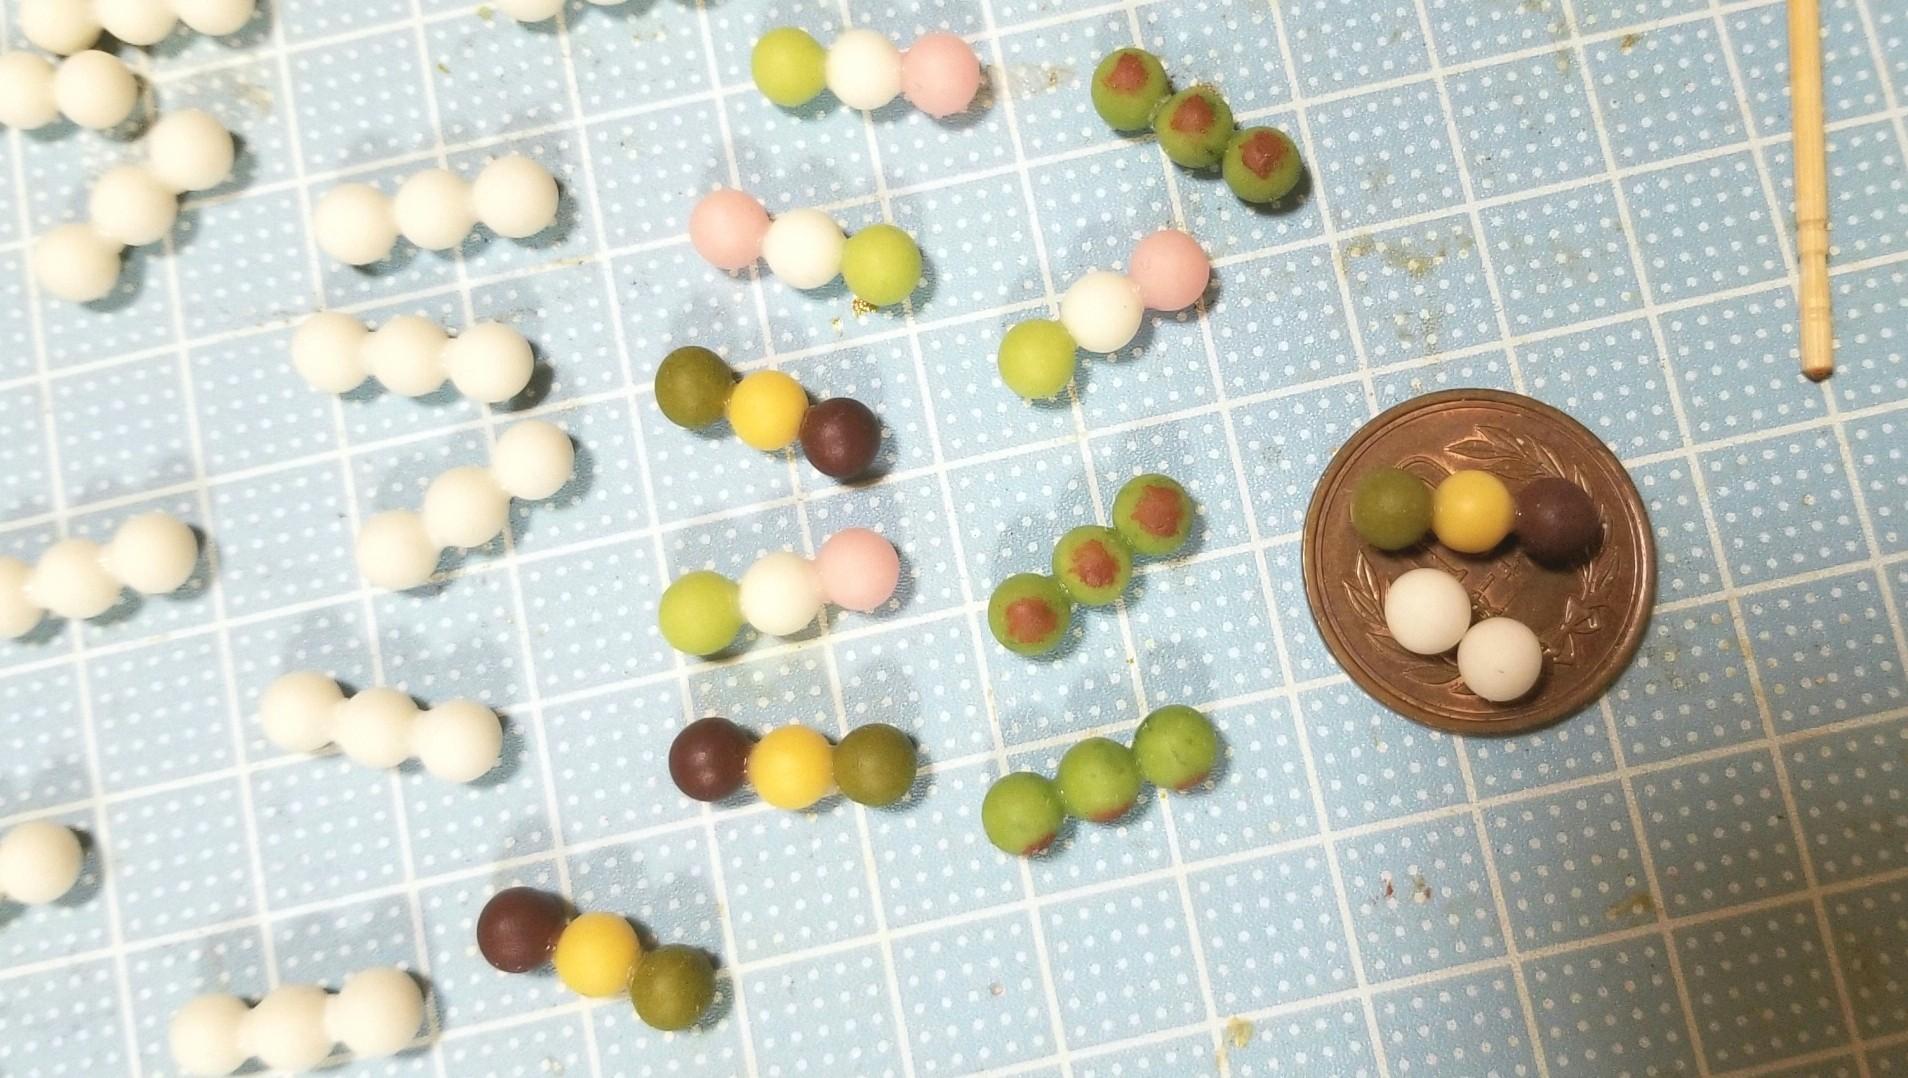 よもぎのミニチュアフードブログ,おいしい串団子の作り方,おすすめ